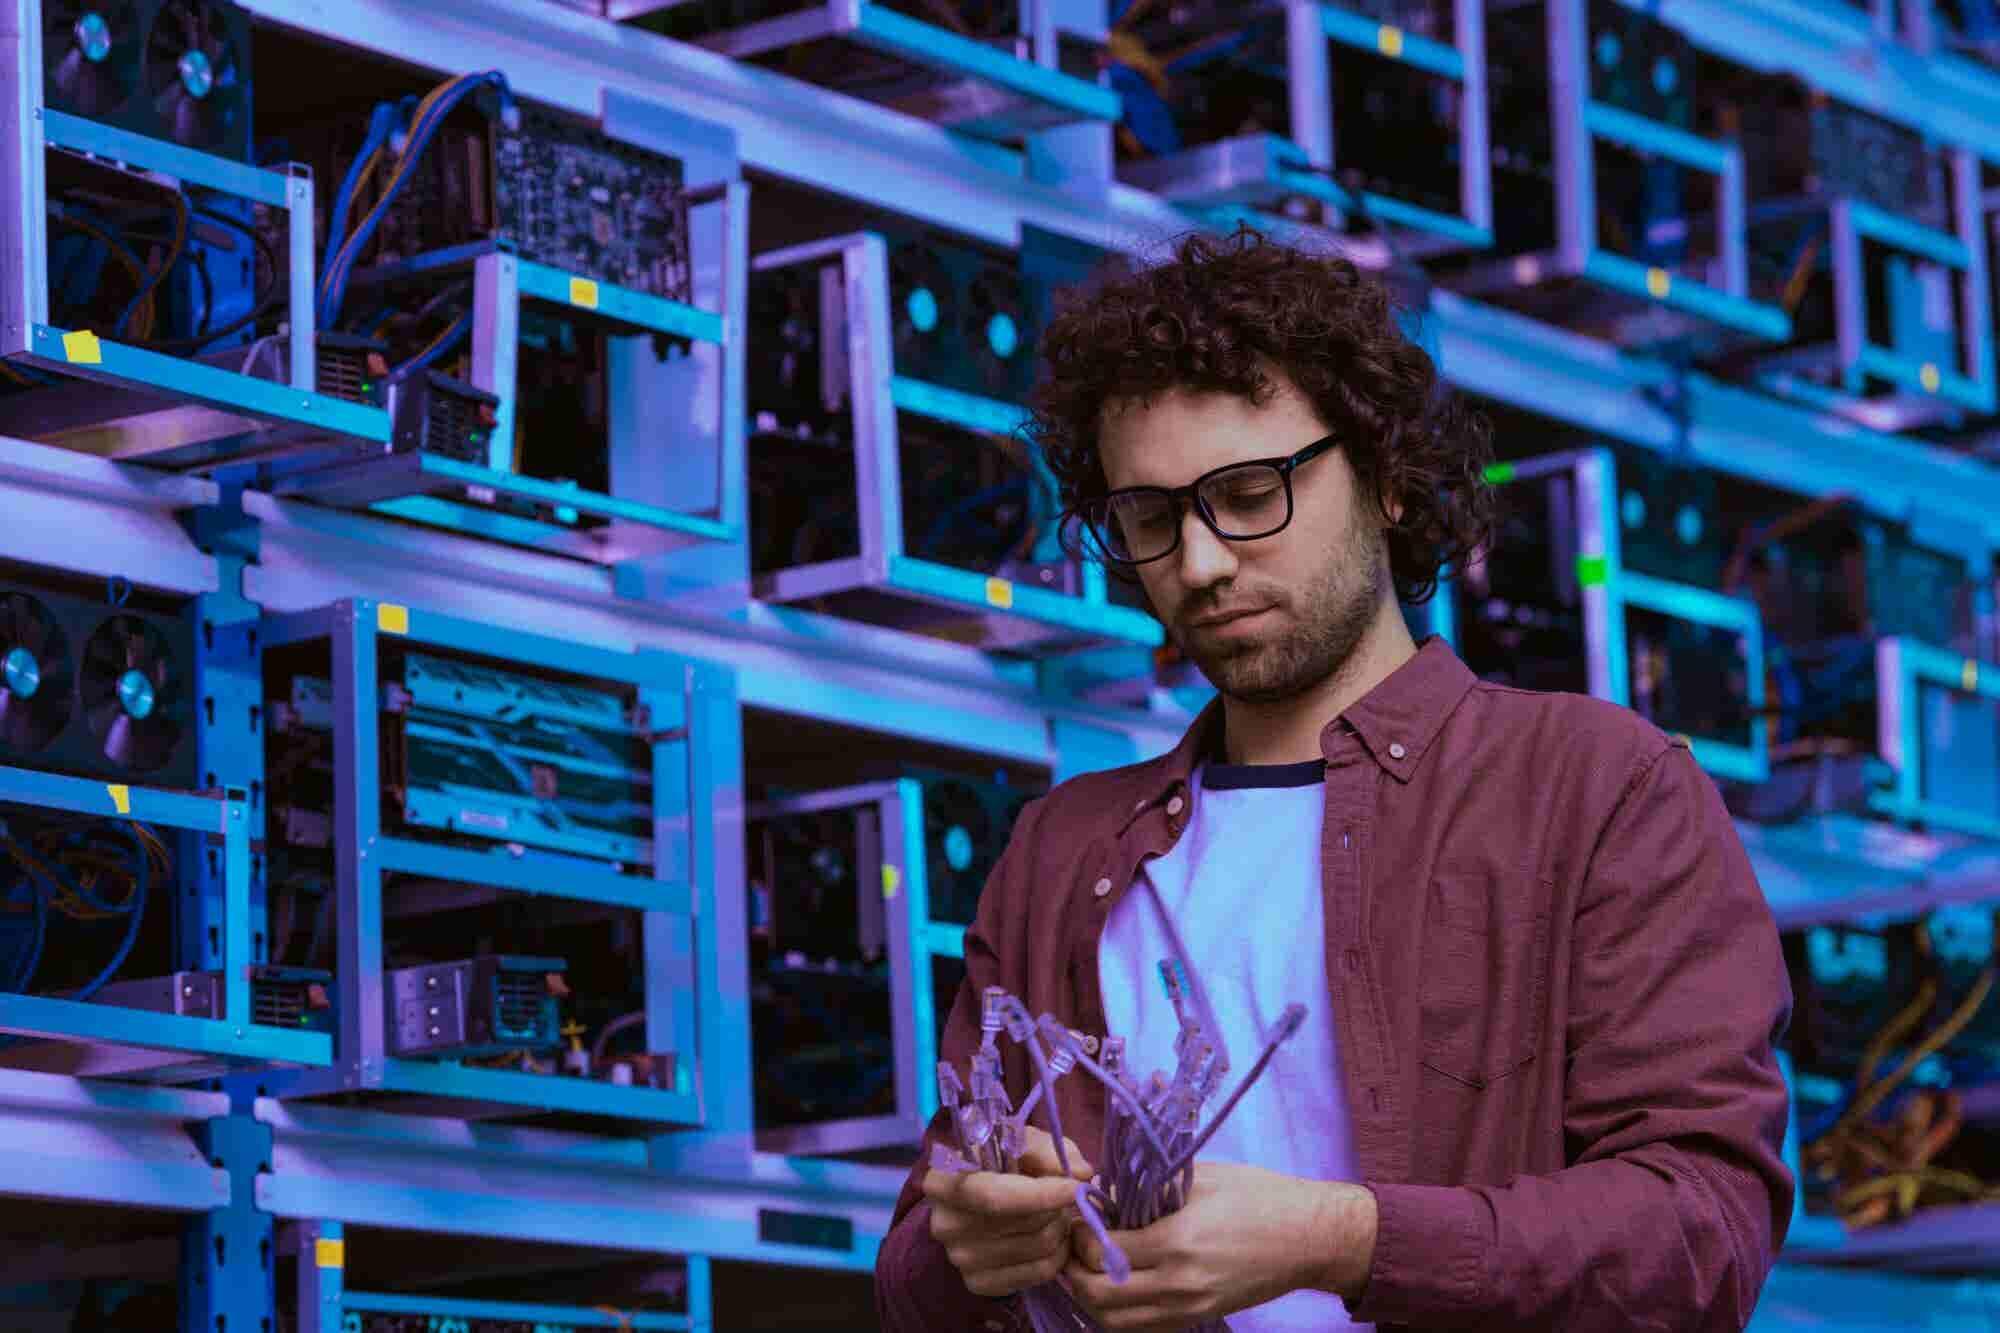 ¿Qué rayos es un 'Growth Hacker'? Estos son los 8 'extraños' empleos q...